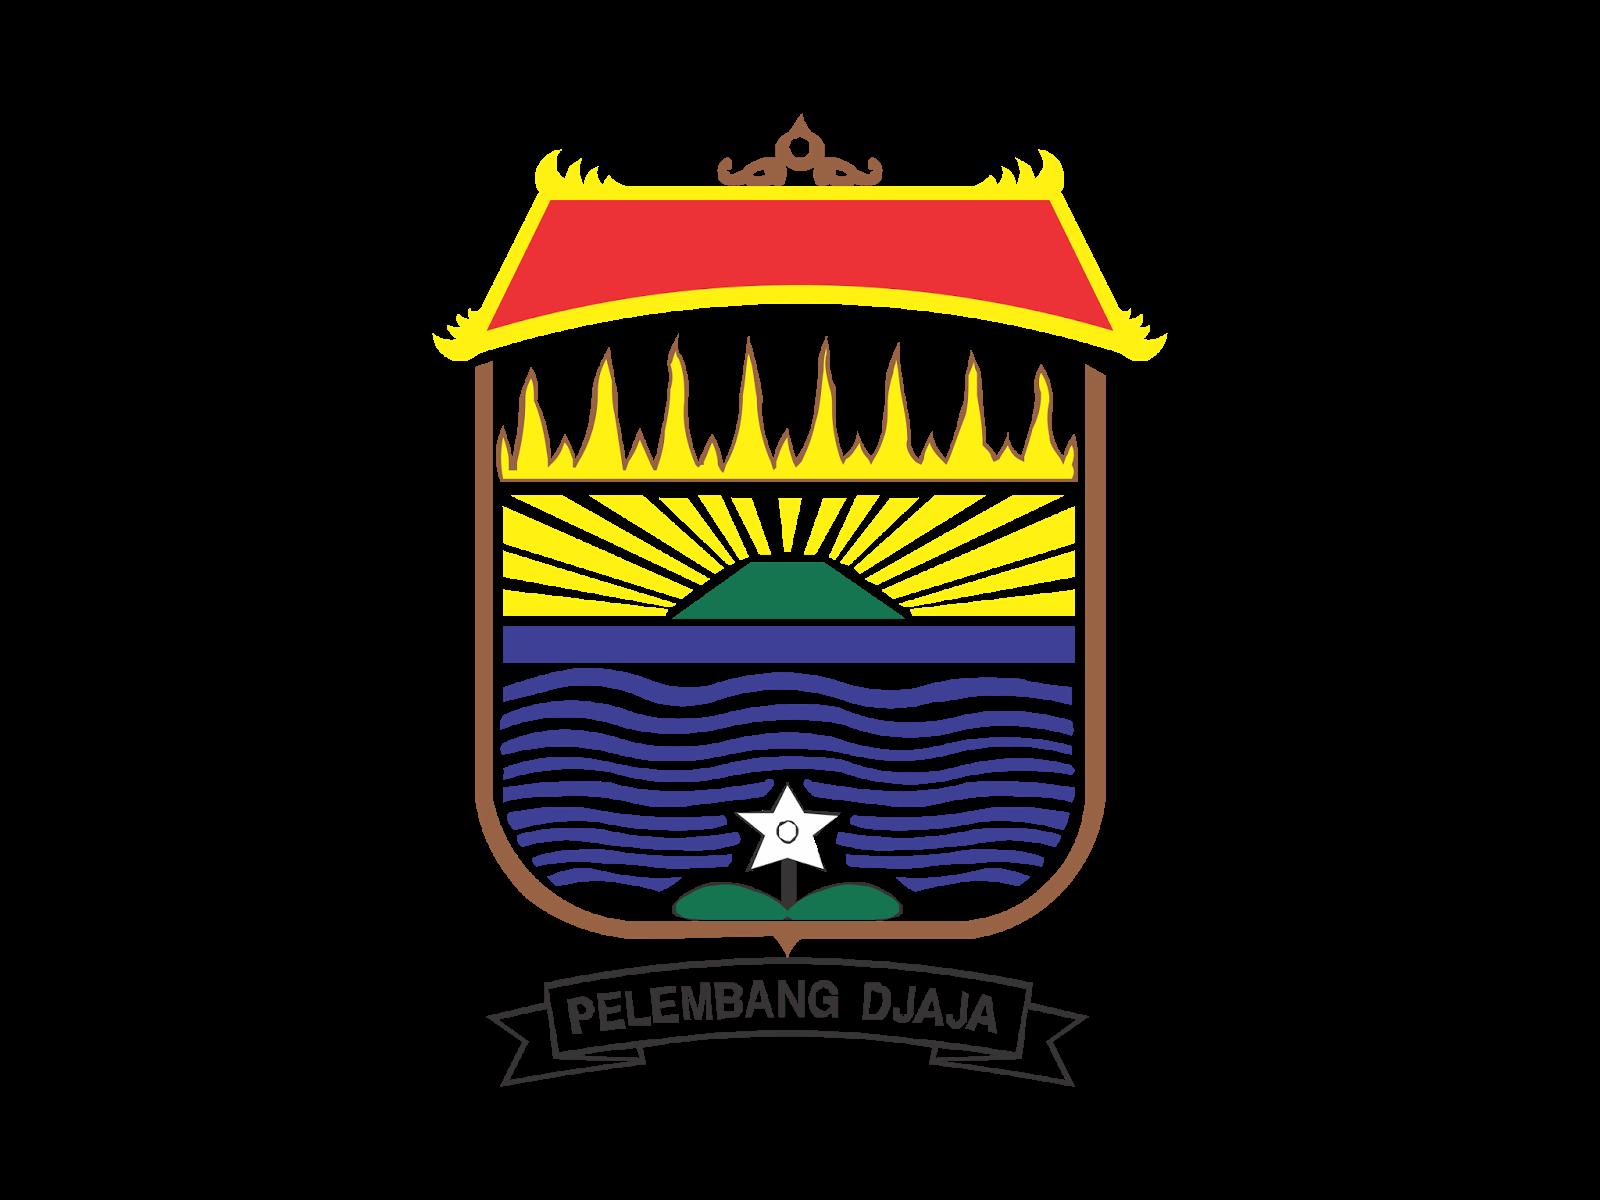 Logo Kota Palembang Format Cdr & Png HD | GUDRIL LOGO